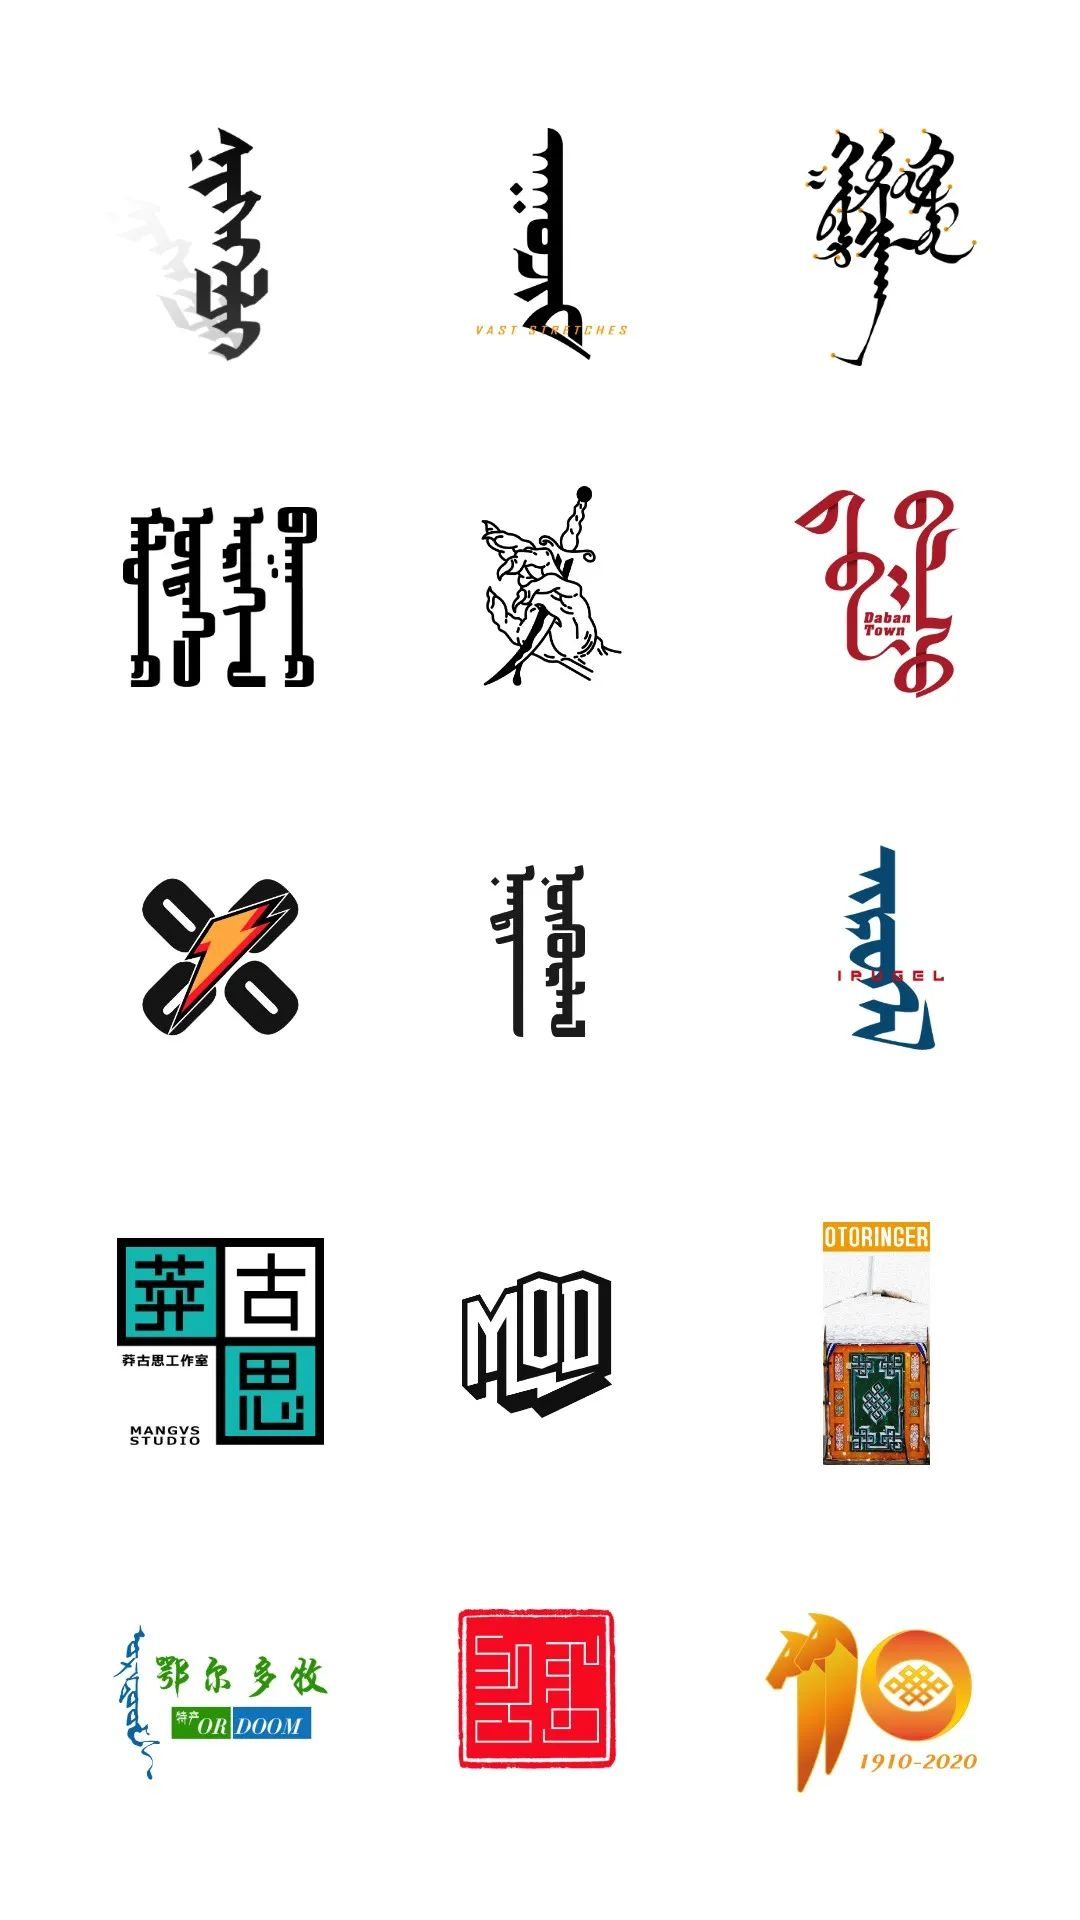 超赞的蒙元素设计-看完马上收藏 #Hotoch-Design#设计案例 第2张